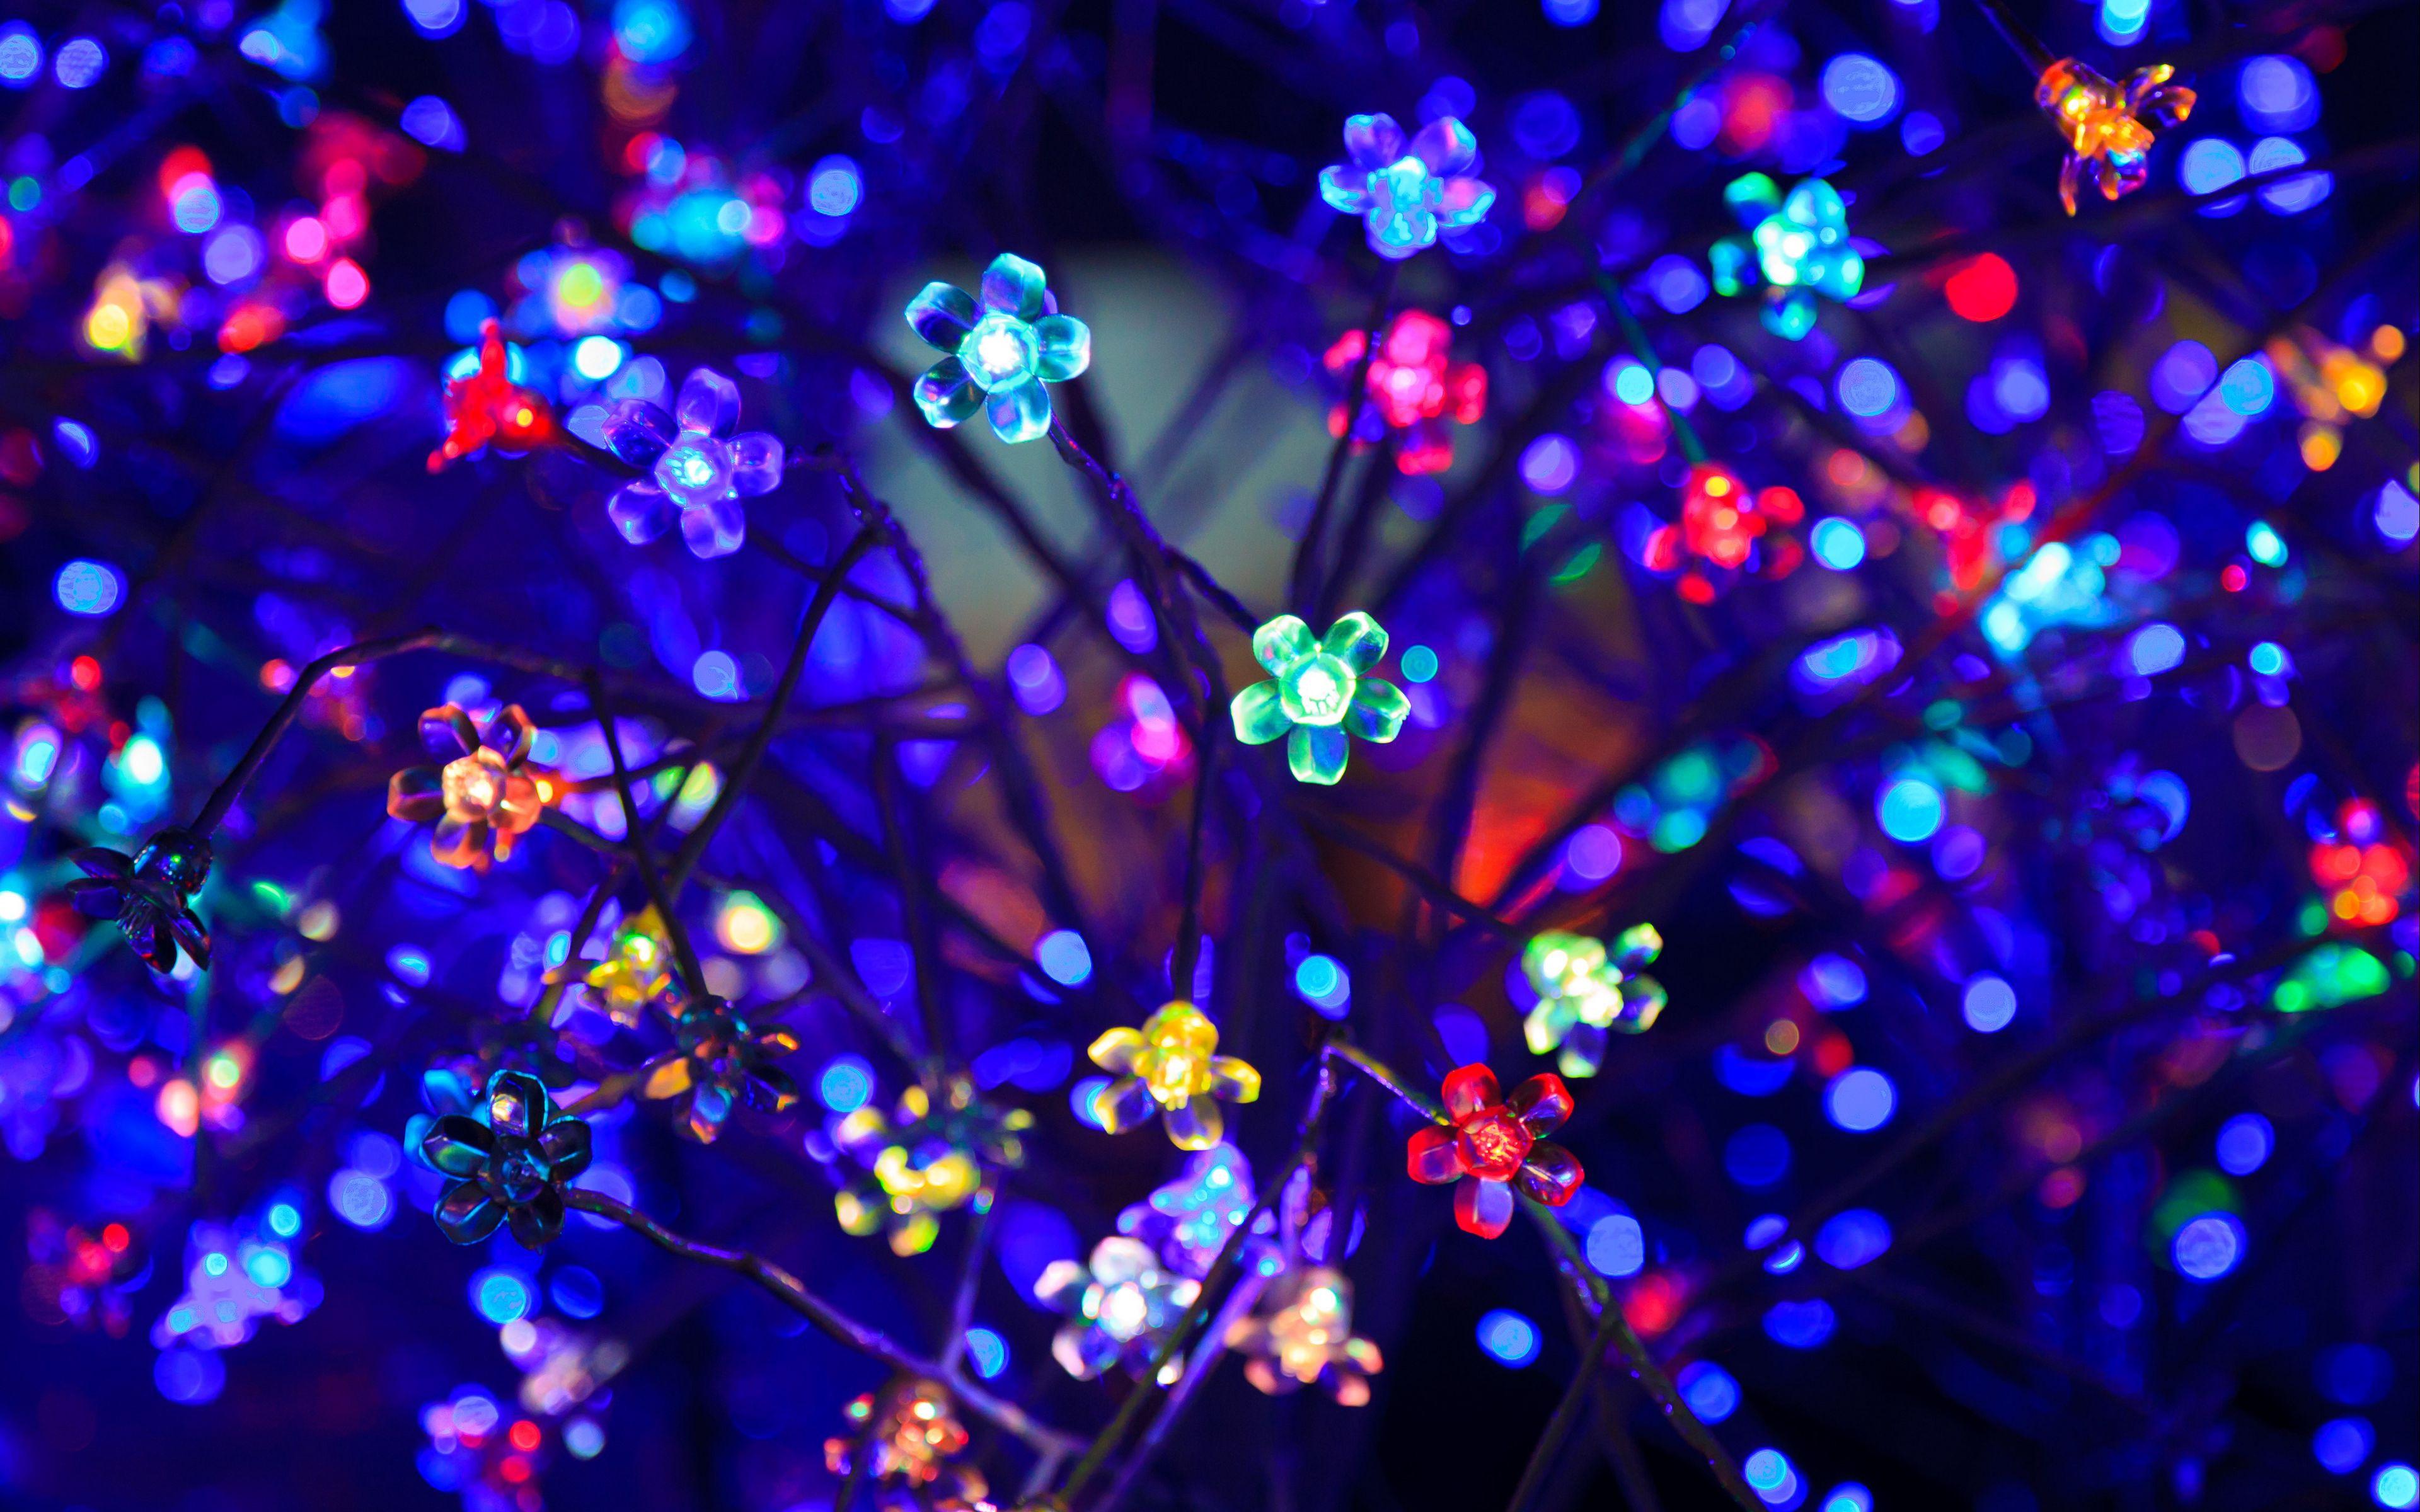 3840x2400 Wallpaper bulbs, flowers, neon, light, lighting, glare, bokeh, colorful